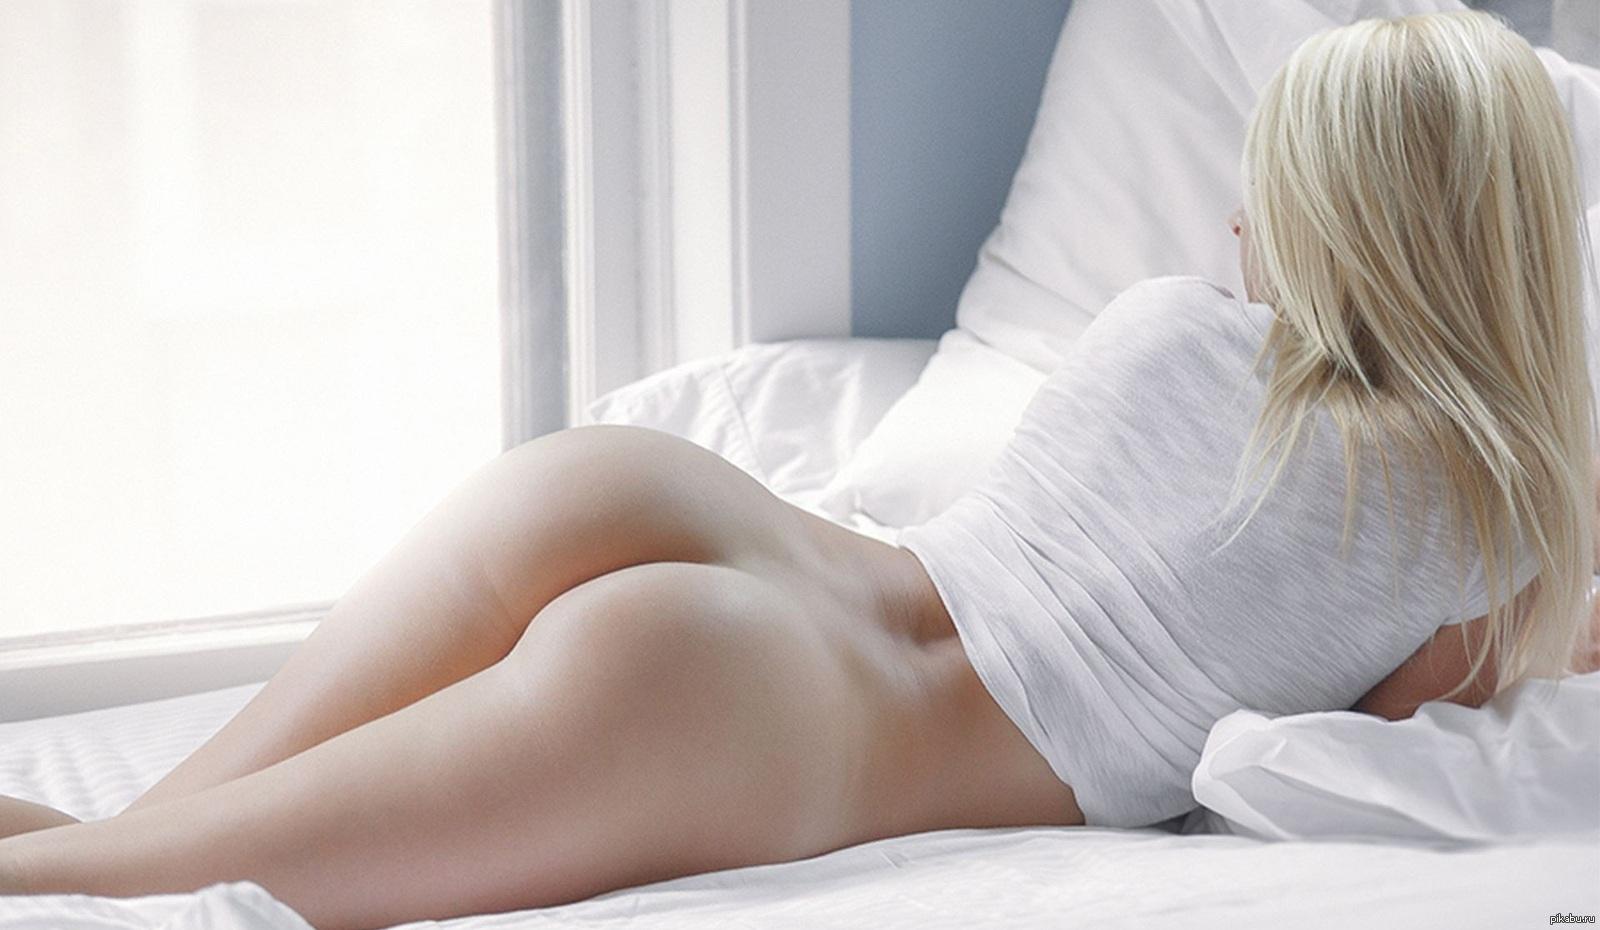 Анала смотреть фото голых попок в постели молодые смотреть онлайн